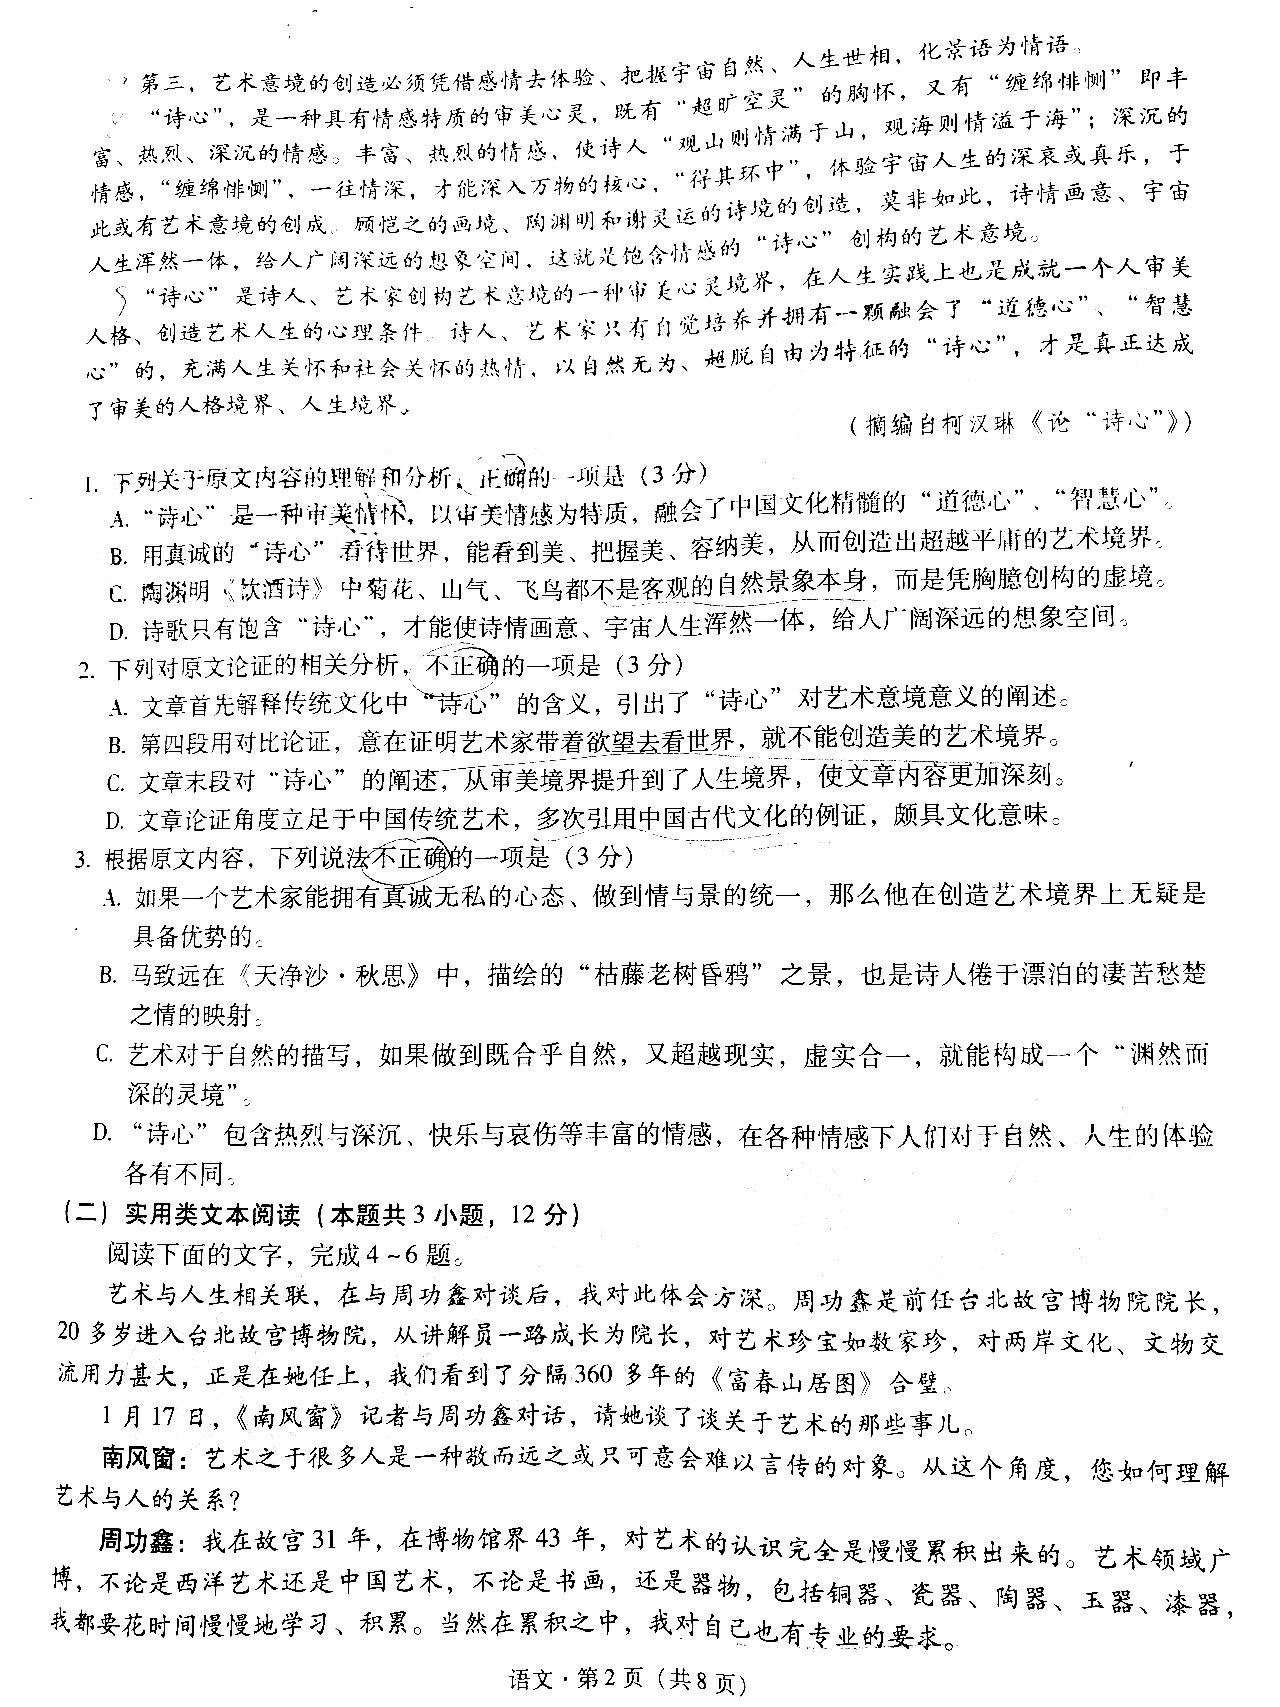 2021云南昆明一中高三月考(二)语文试卷答案解析图2